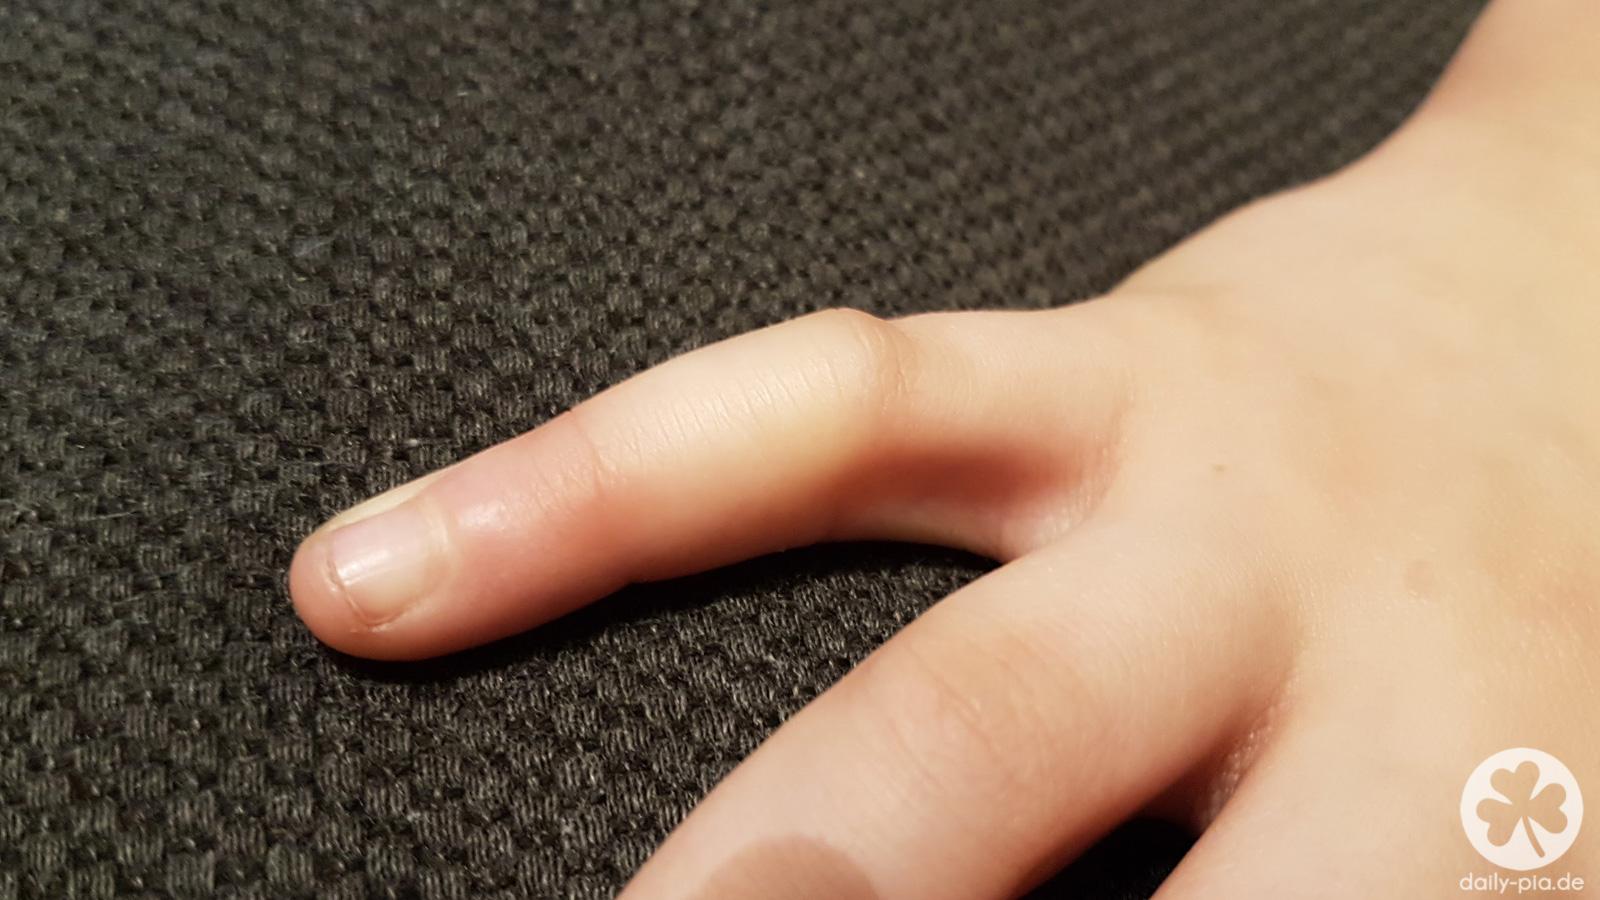 Nagel finger blau geklemmt Finger gequetscht